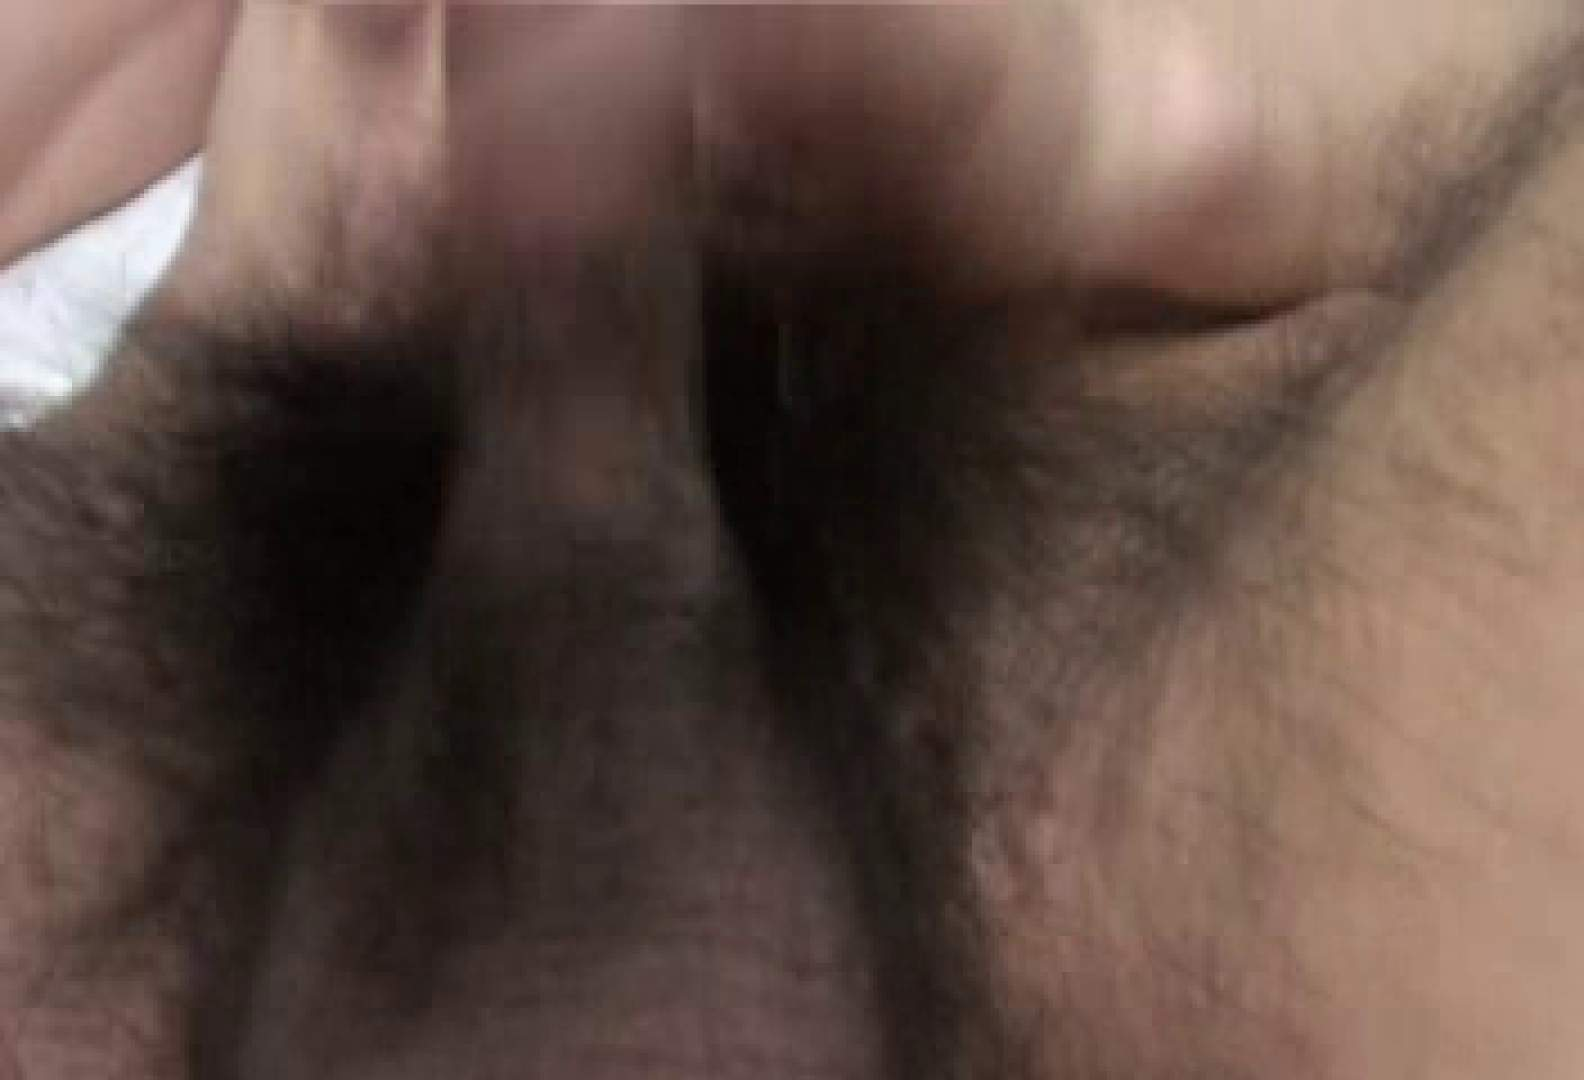 アイマスクでおもいっきり性感帯!!vol.03 菊指 ゲイアダルトビデオ画像 99画像 81